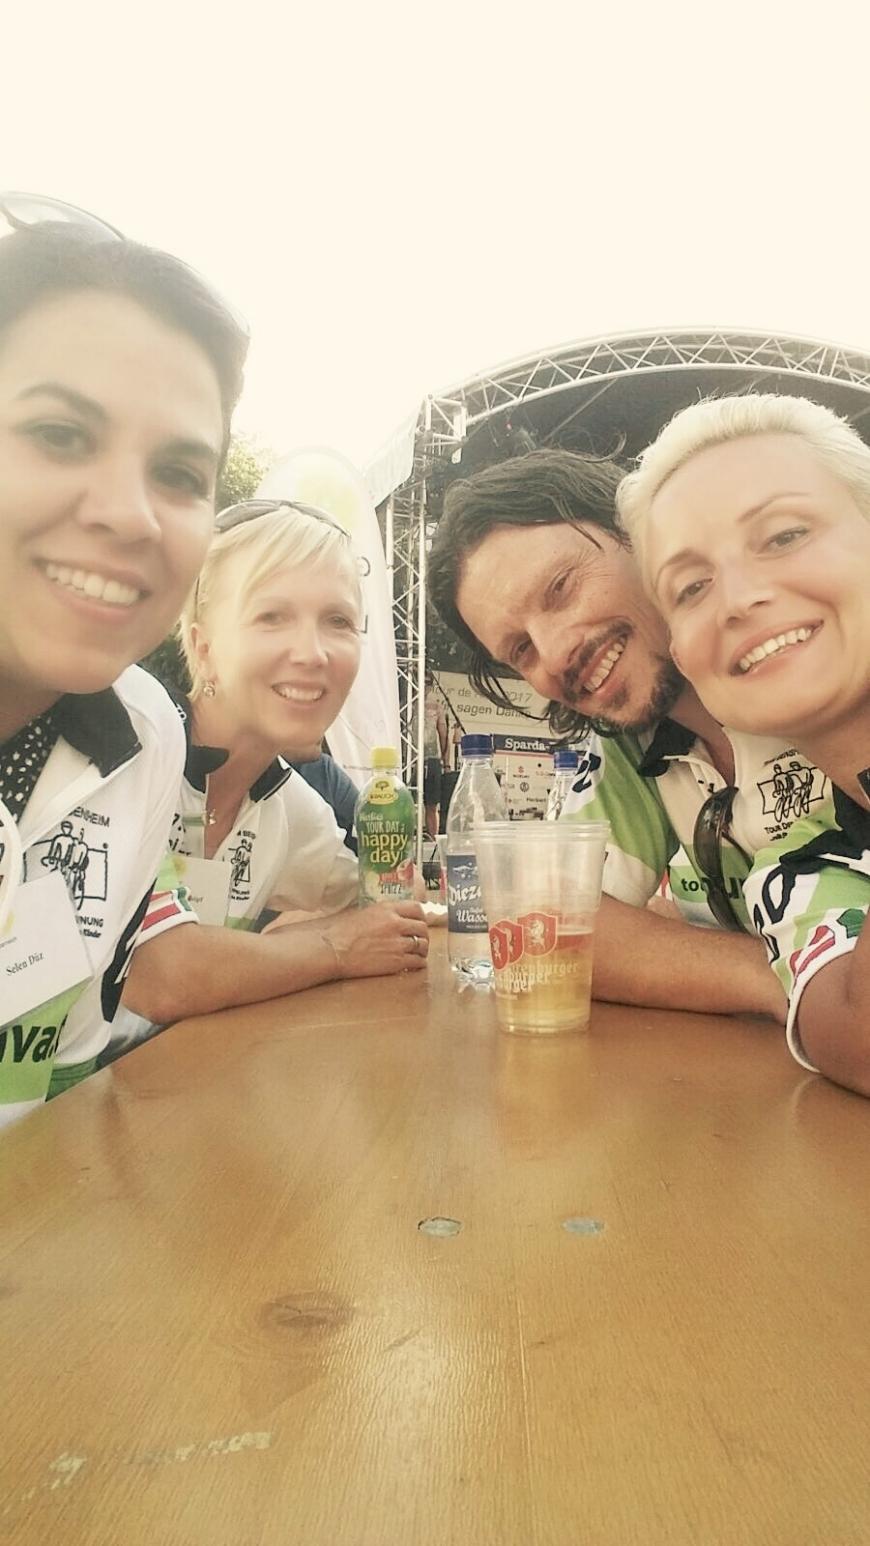 'Über € 26.000 an Spenden und perfekte Stimmung bei der Tour'-Bild-2